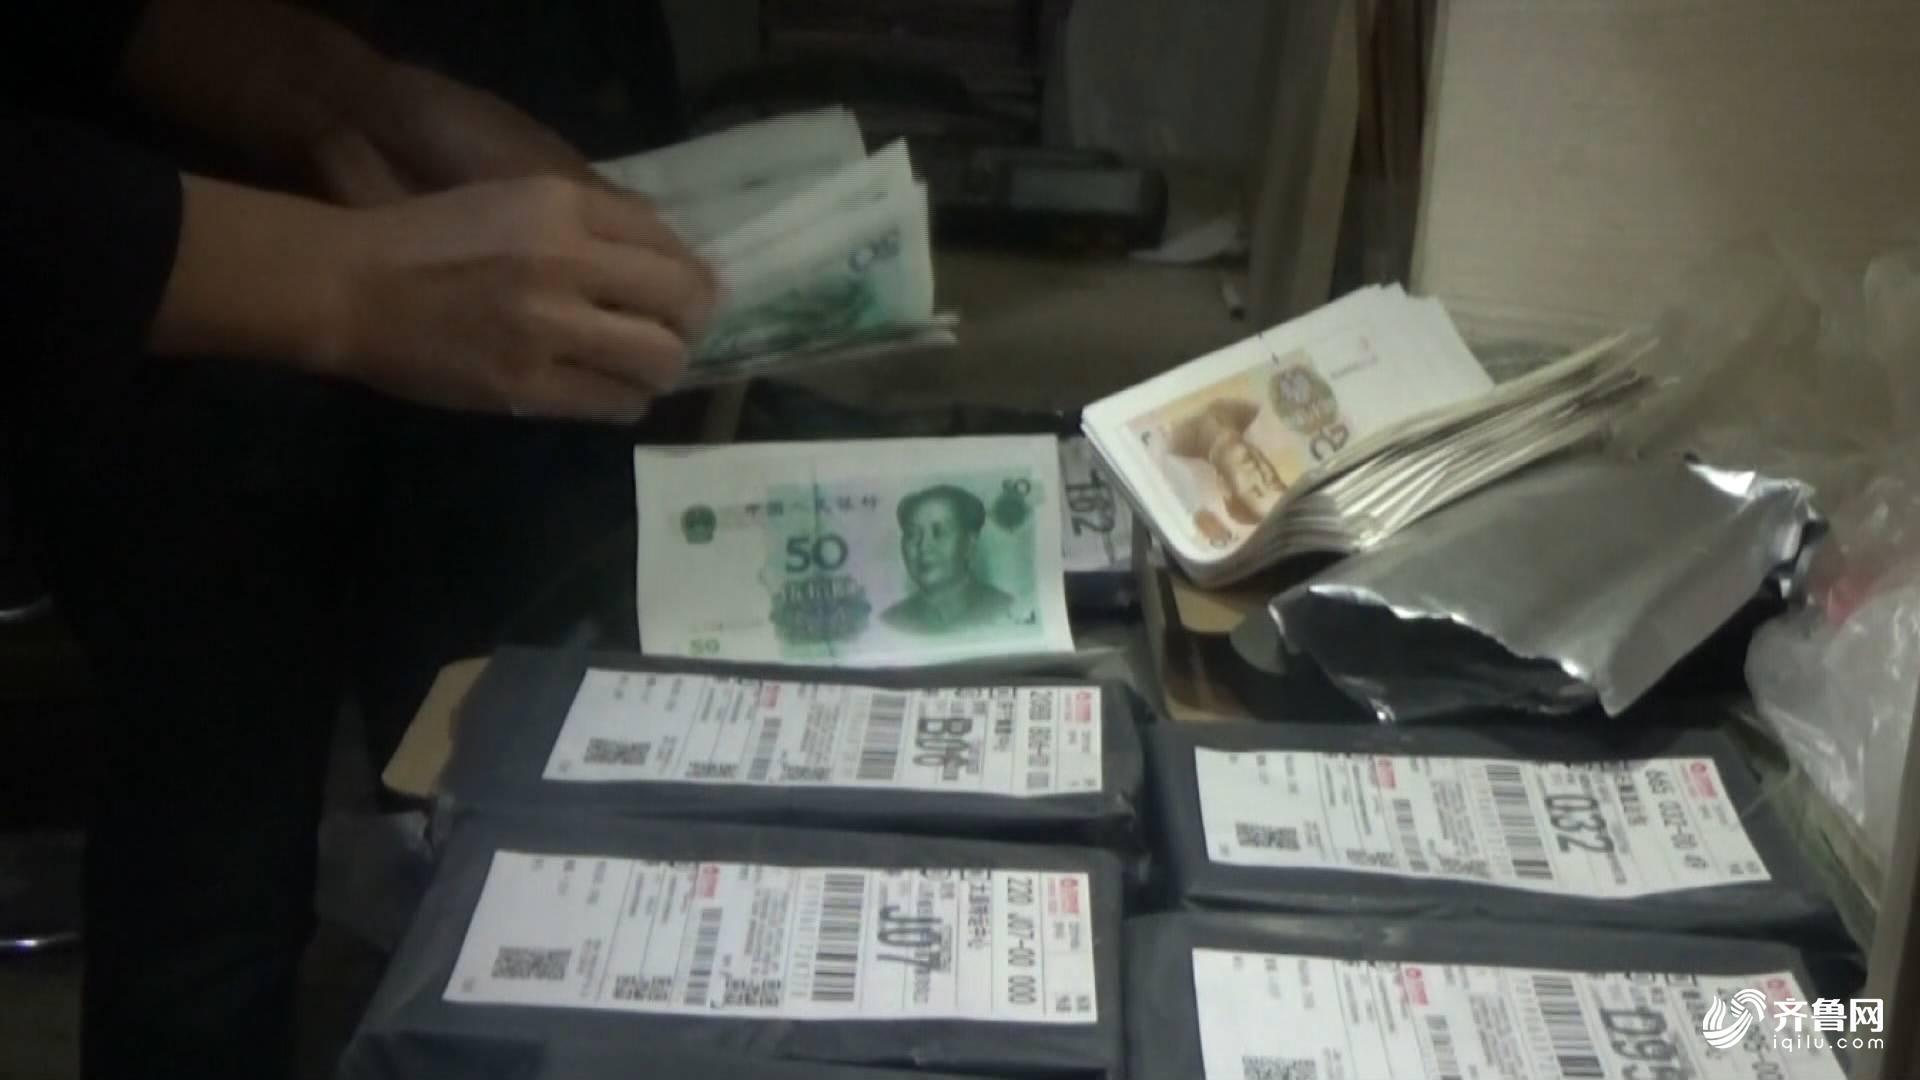 145秒丨菏泽一男子制售假币被抓,谎称是膏药,快递至全国